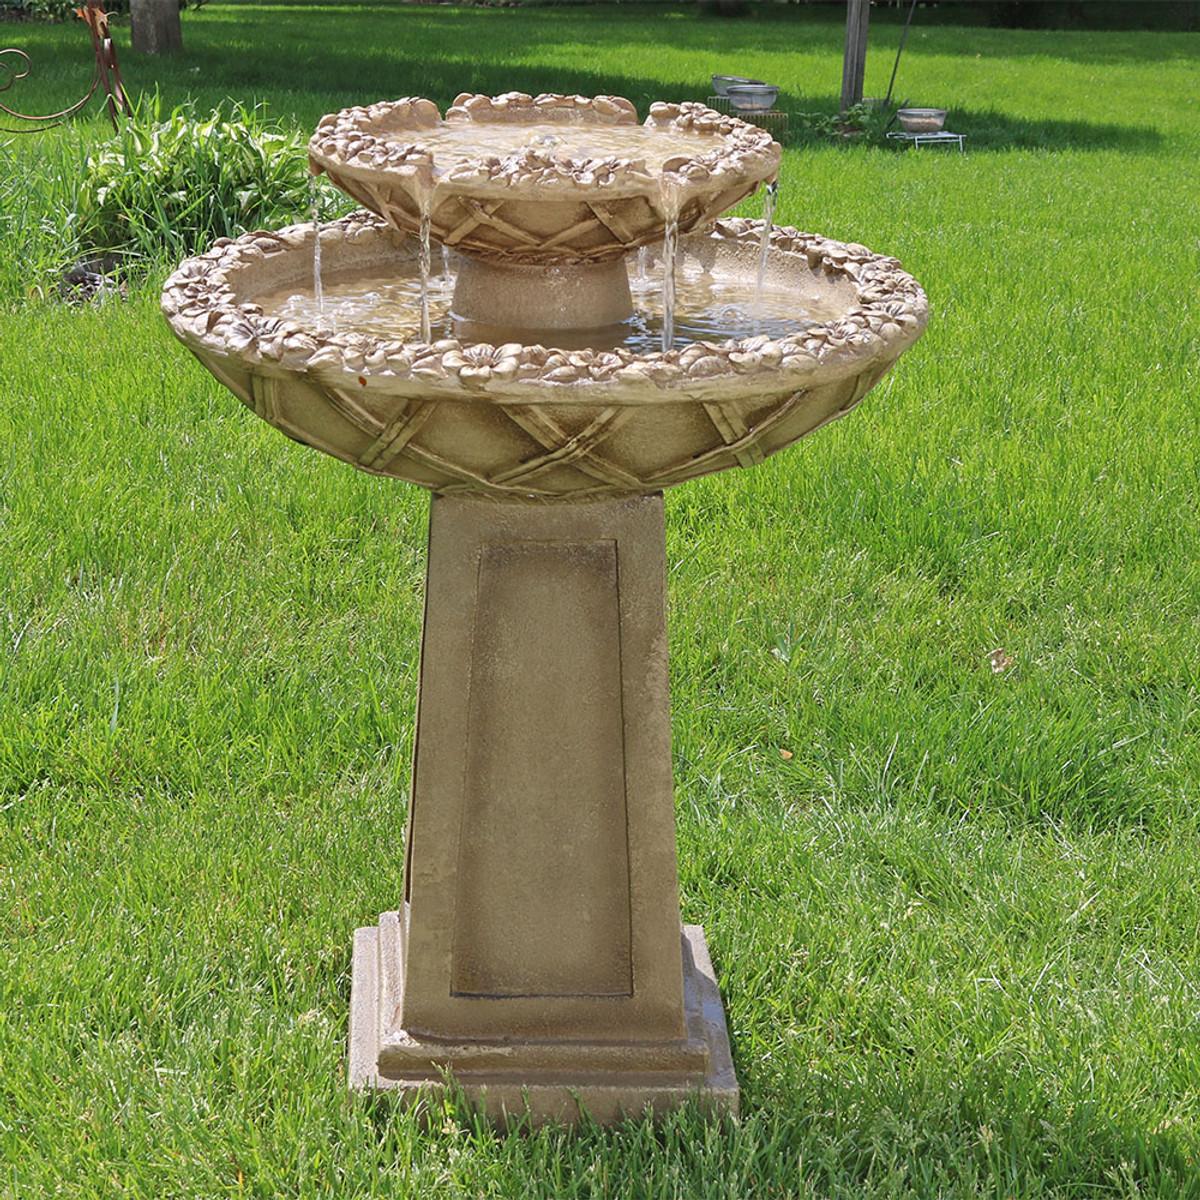 sunnydaze beveled flower 2 tier birdbath water 2 Tier Water Fountain id=58221